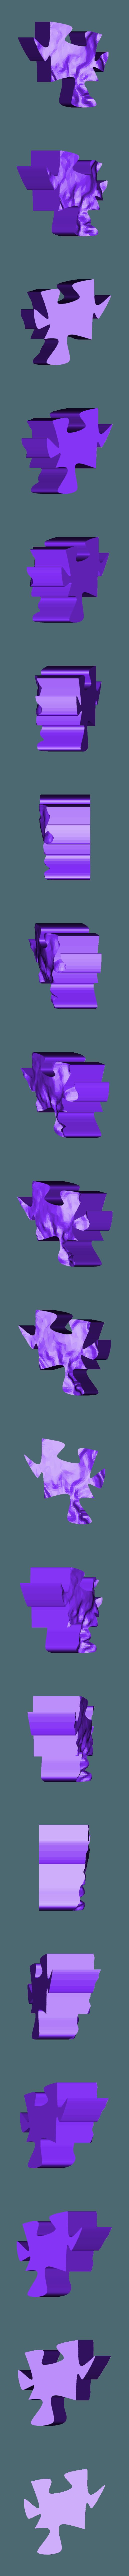 45.stl Télécharger fichier STL gratuit Echelle épique - Terrain - Zion NP • Objet à imprimer en 3D, TCP491016